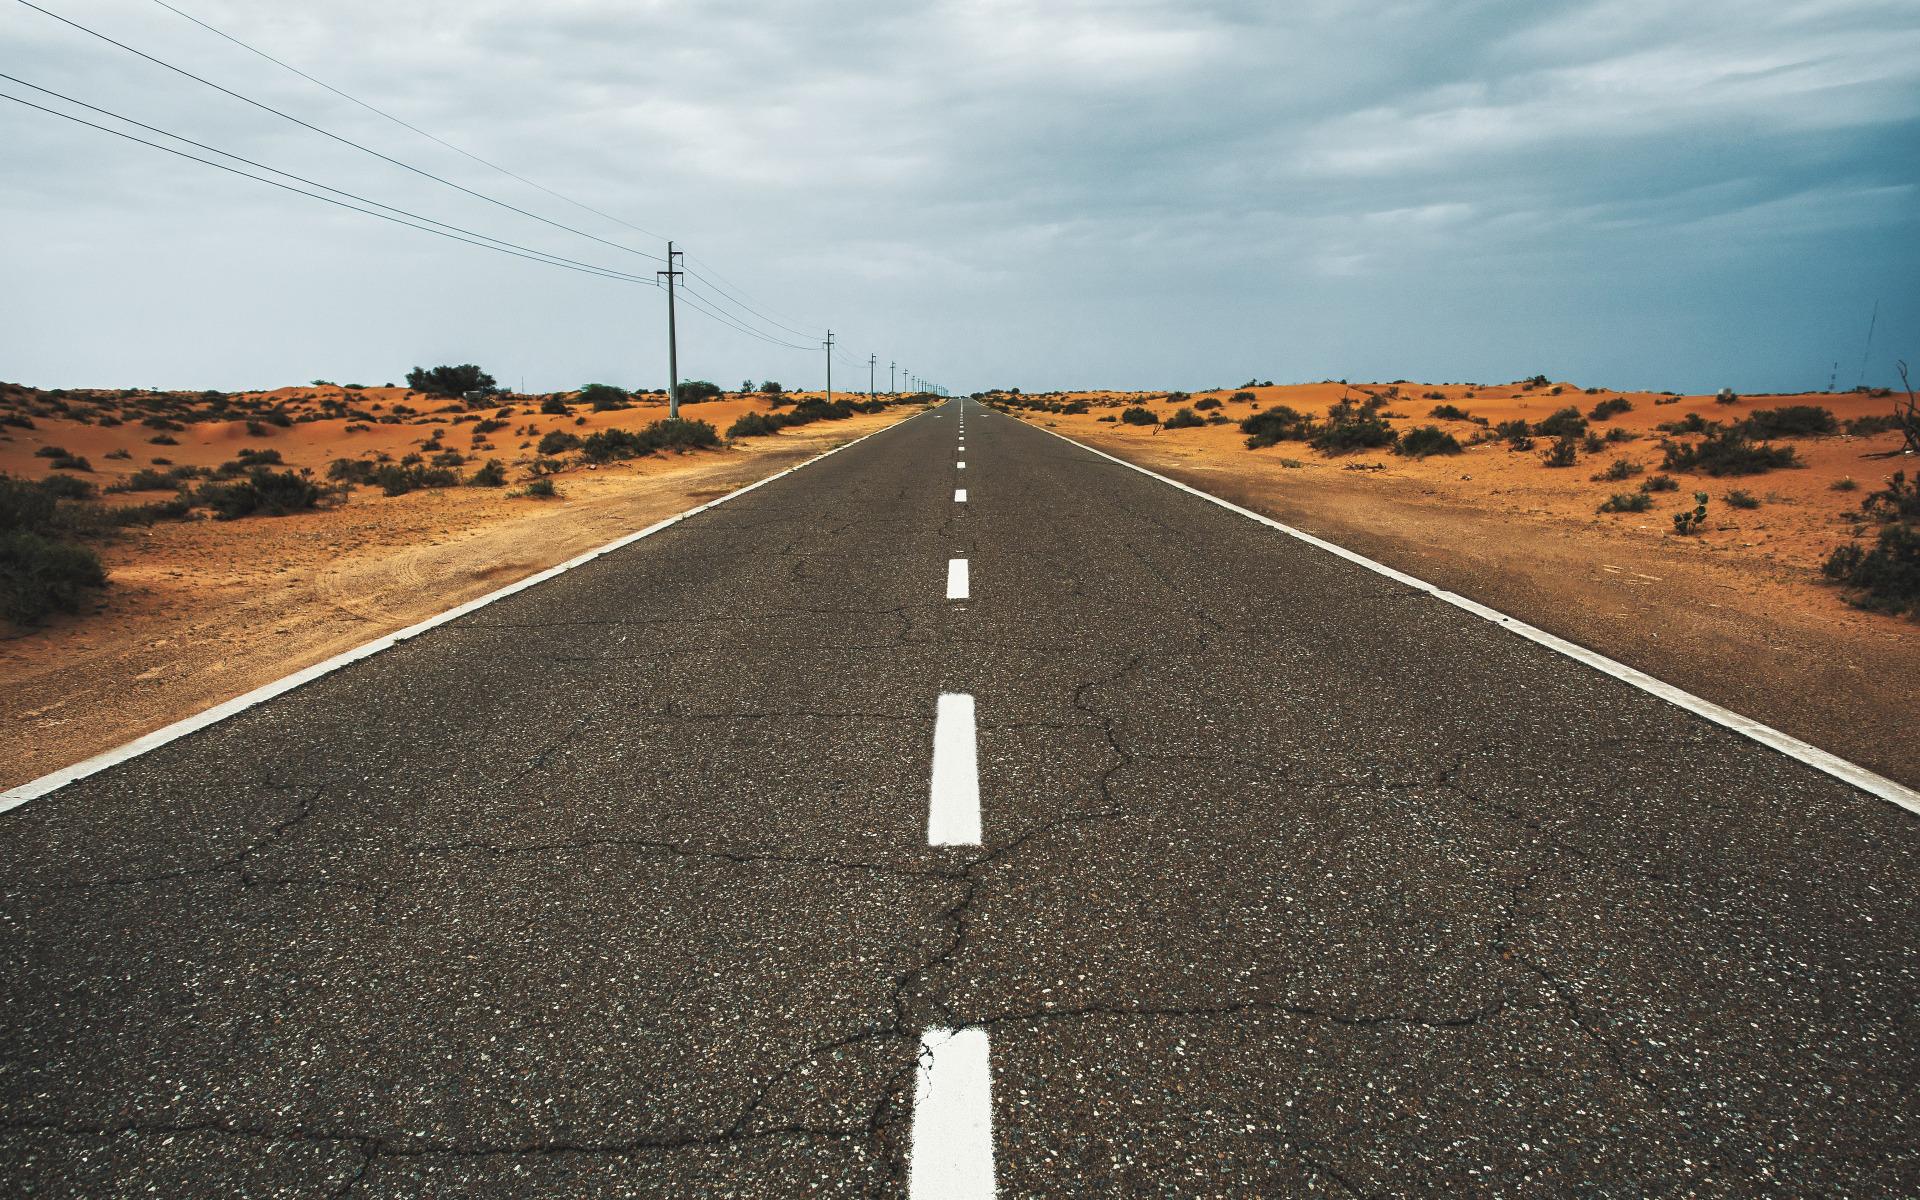 сервис уютные картинка дорога в пустыне комментариях фотографиям